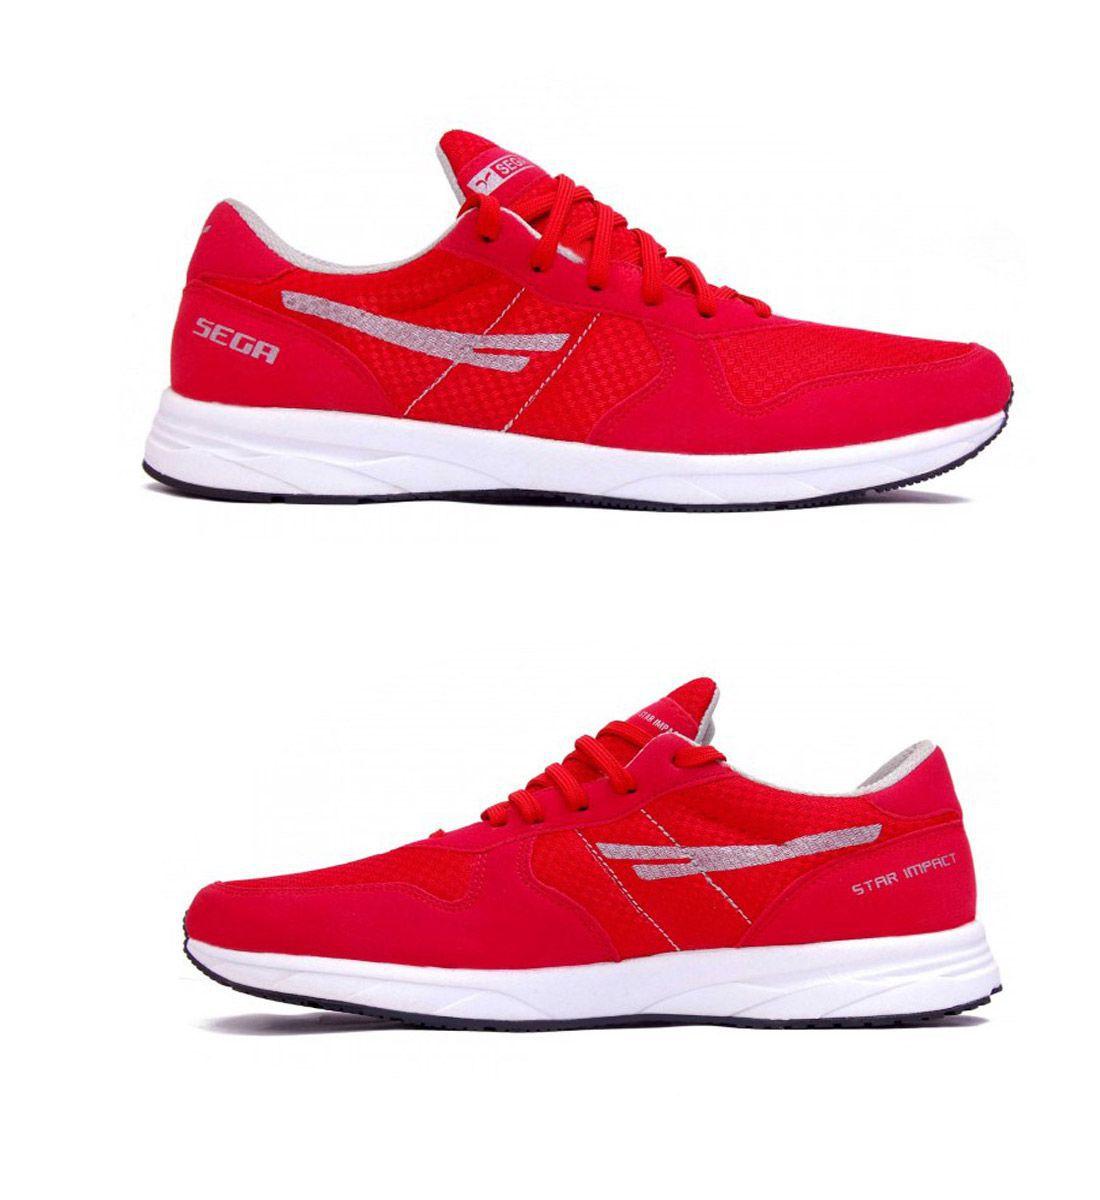 SEGA Red Running Shoes